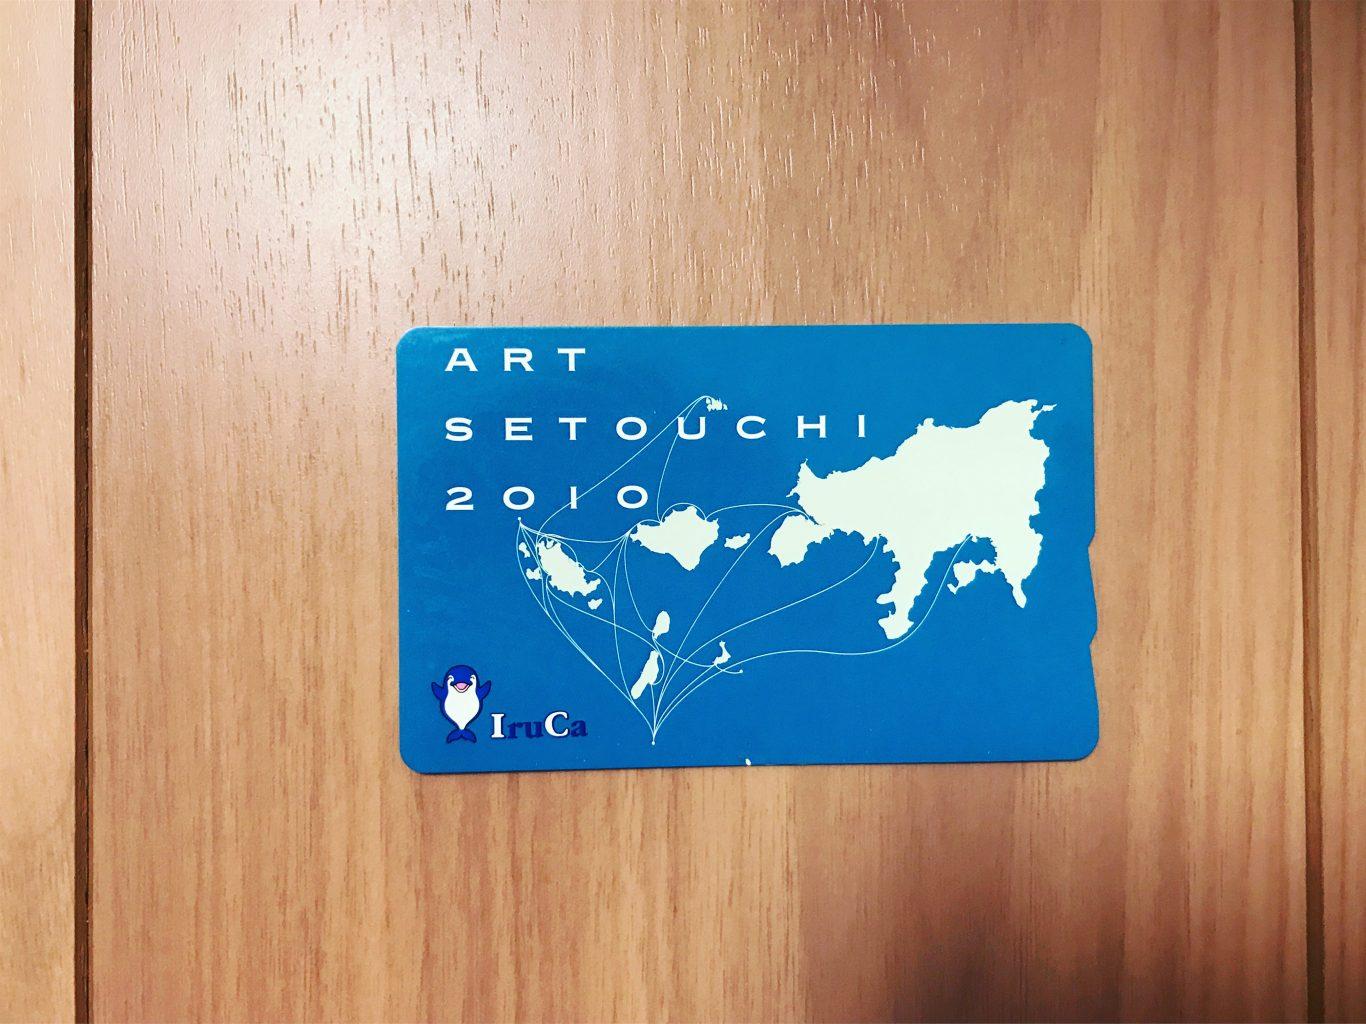 瀬戸内芸術祭2010 IruCa